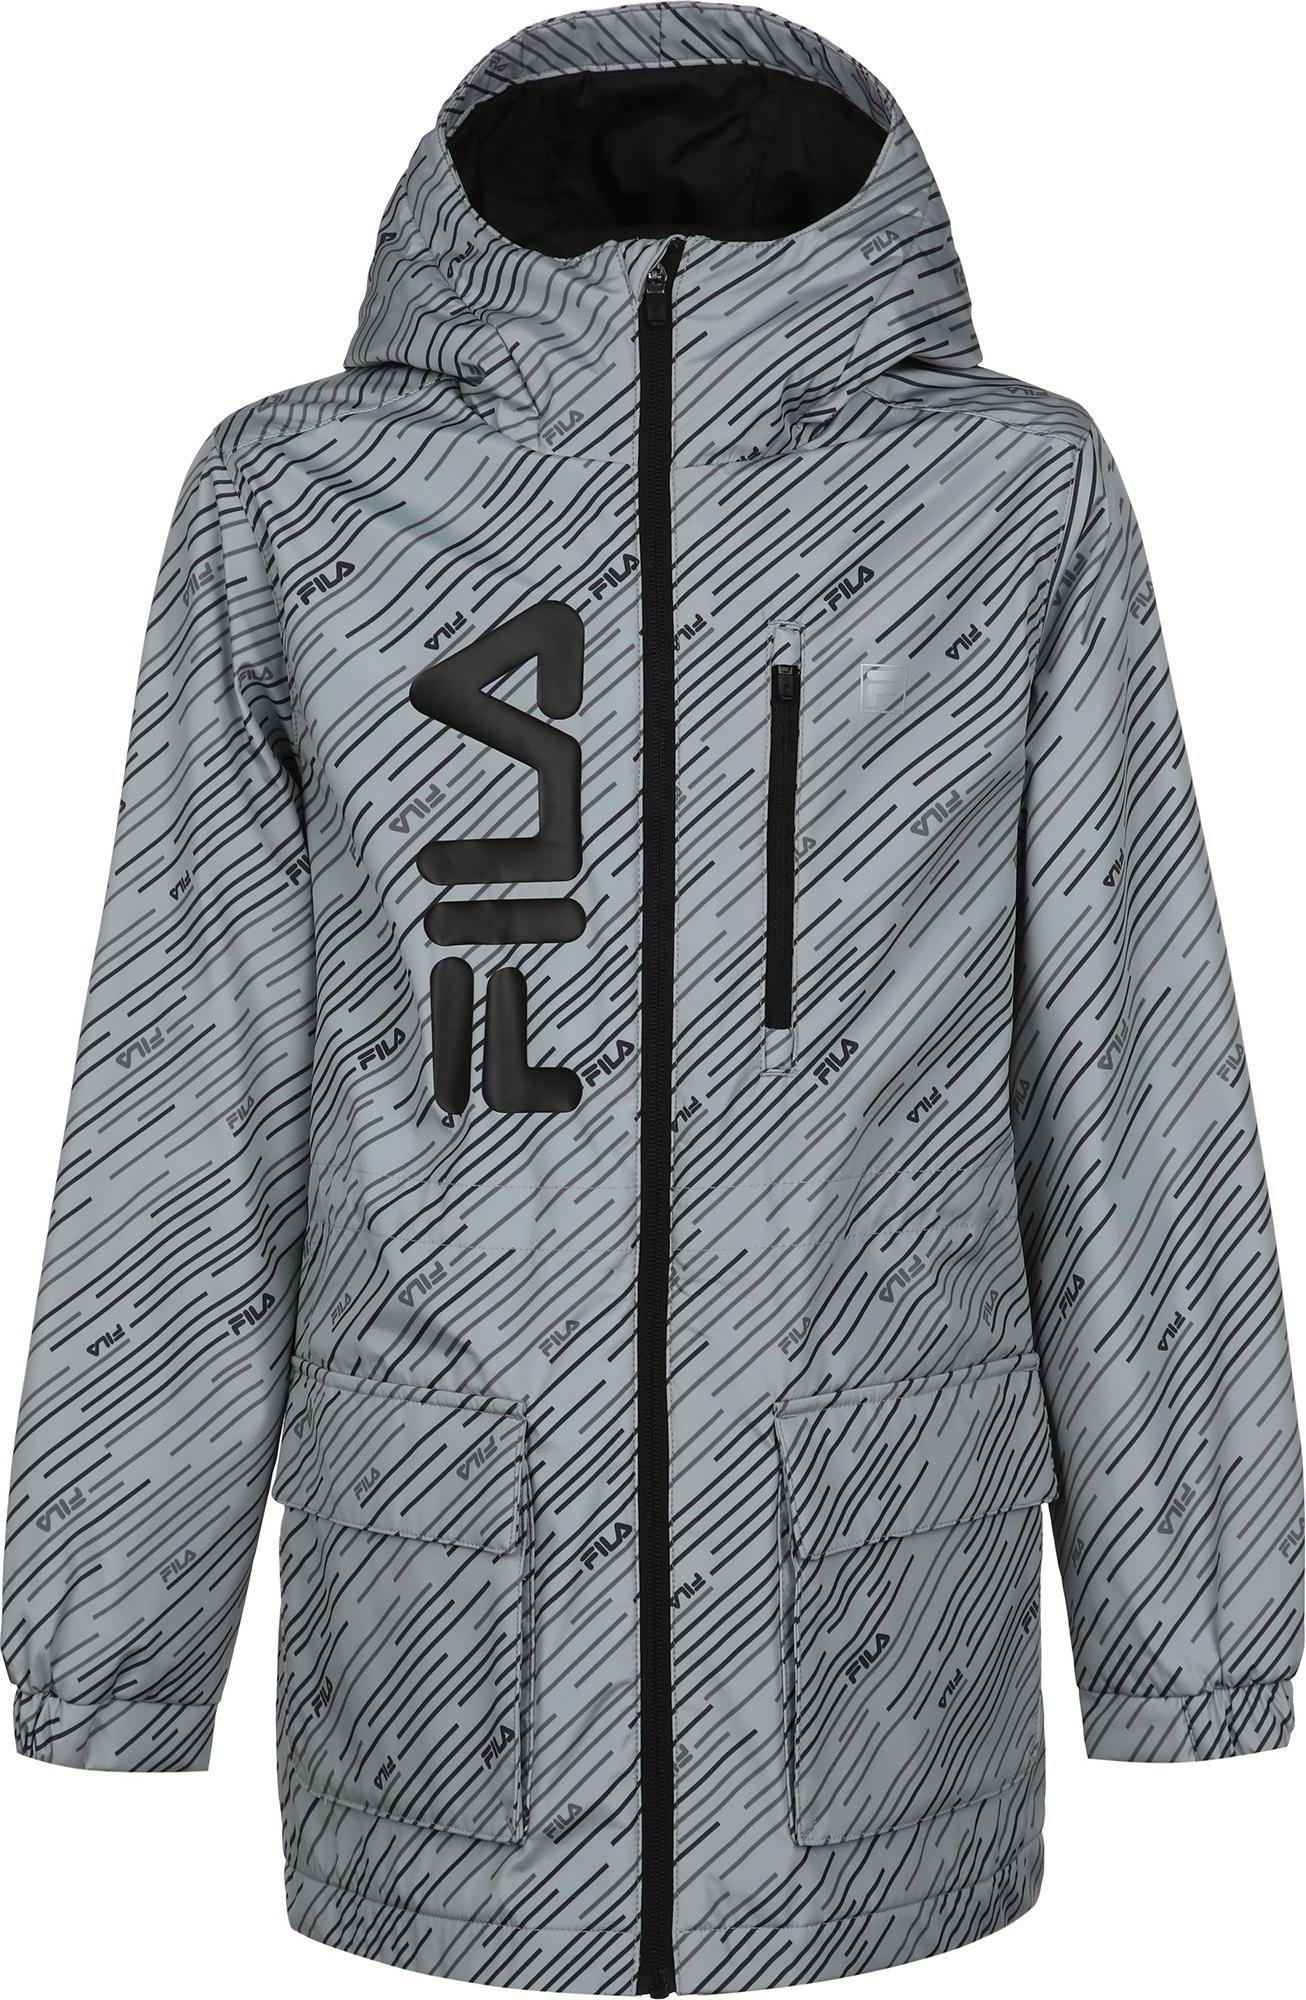 fila худи для мальчиков fila размер 176 FILA Куртка утепленная для мальчиков FILA, размер 176